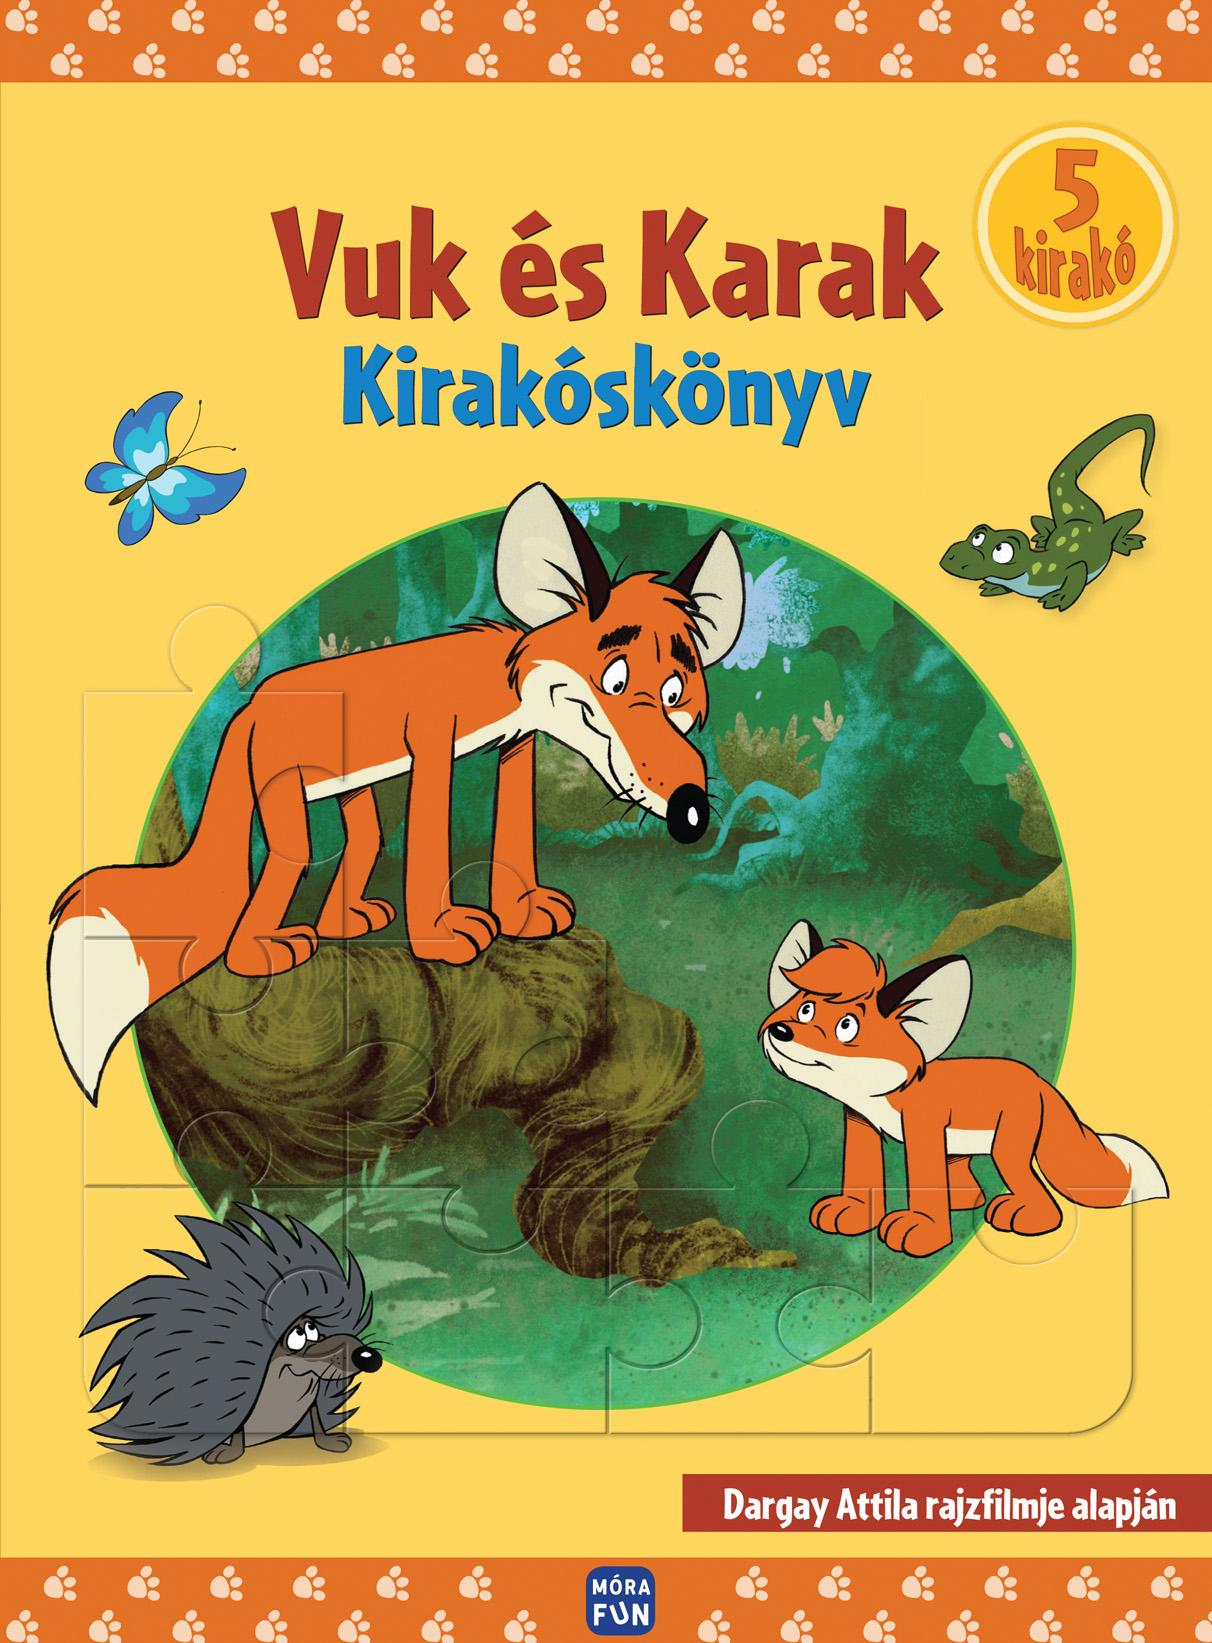 VUK ÉS KARAK - KIRAKÓSKÖNYV - 5 KIRAKÓ -